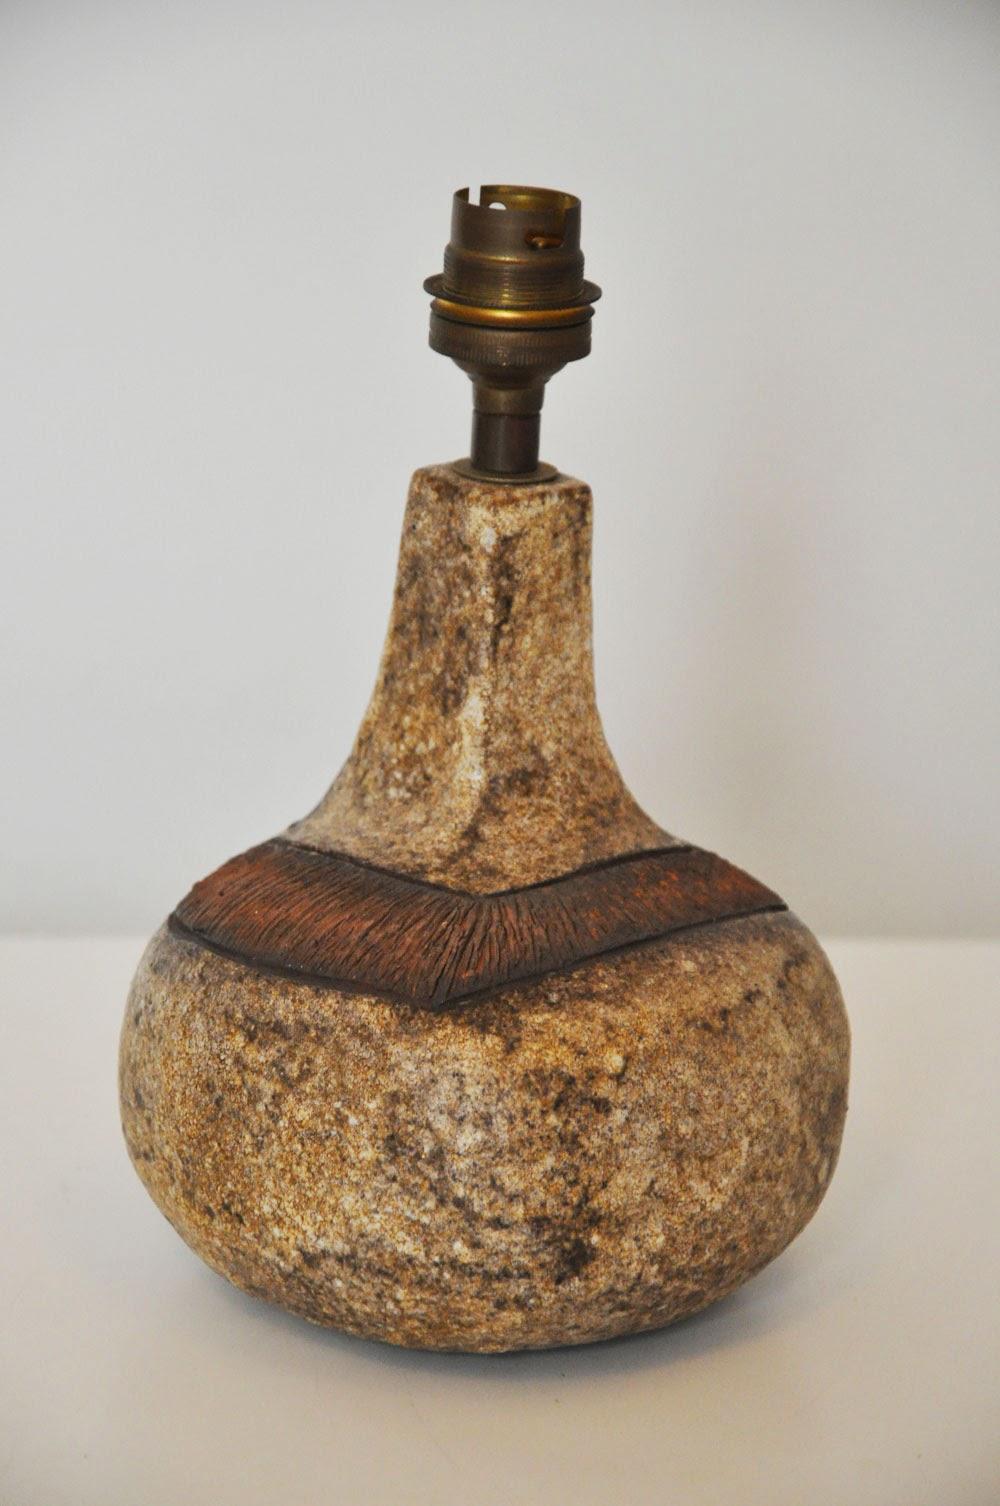 Petite lampe en gr s c pradier l 39 amateur eclair - Gres ceramique ...